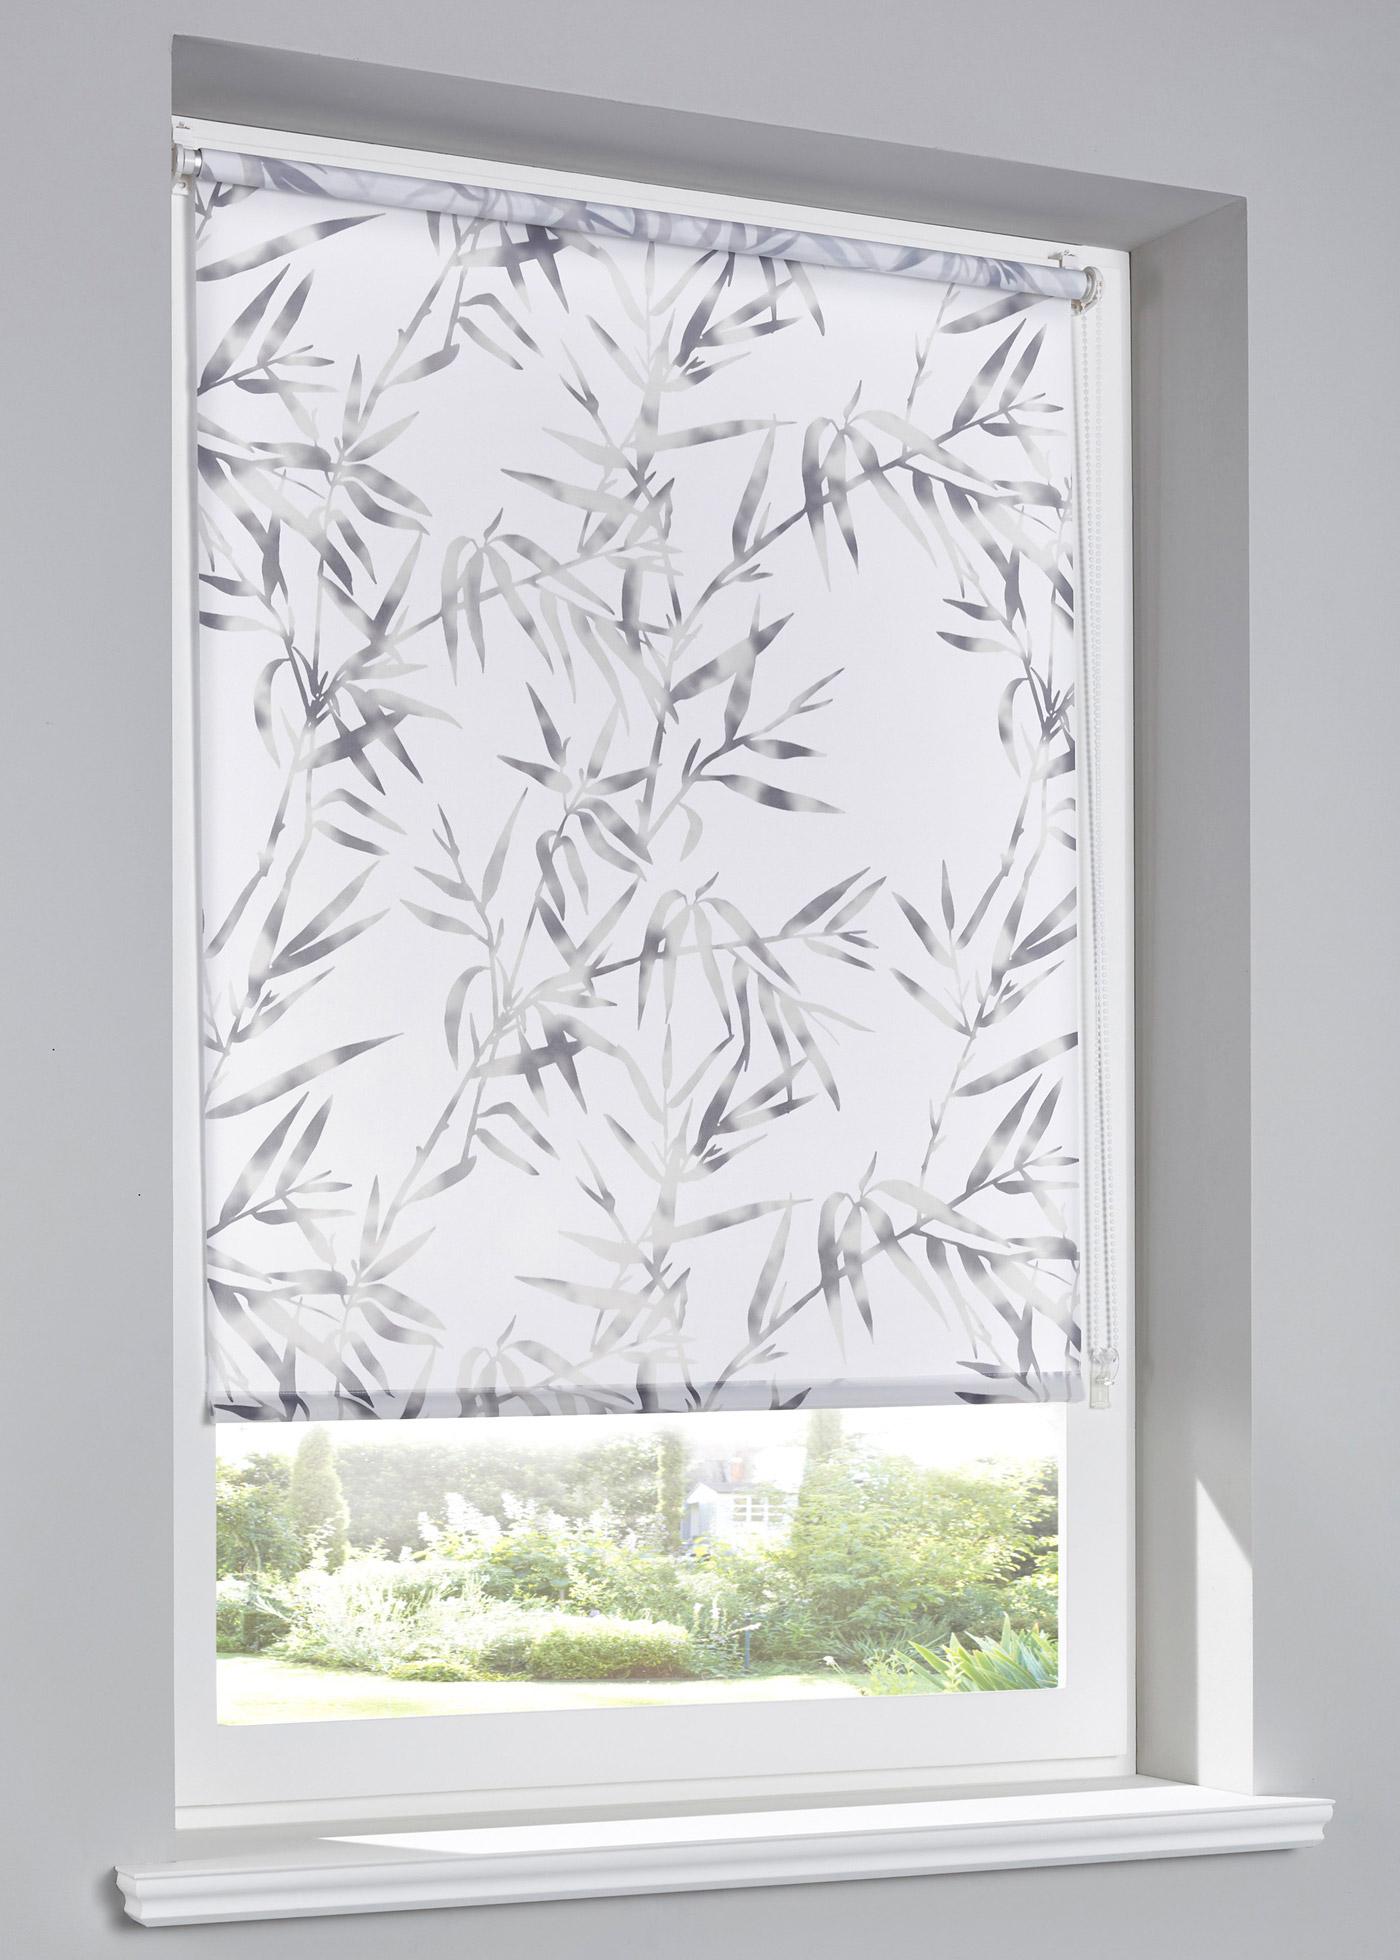 Sichtschutzrollo Bambus in weiß von bonprix